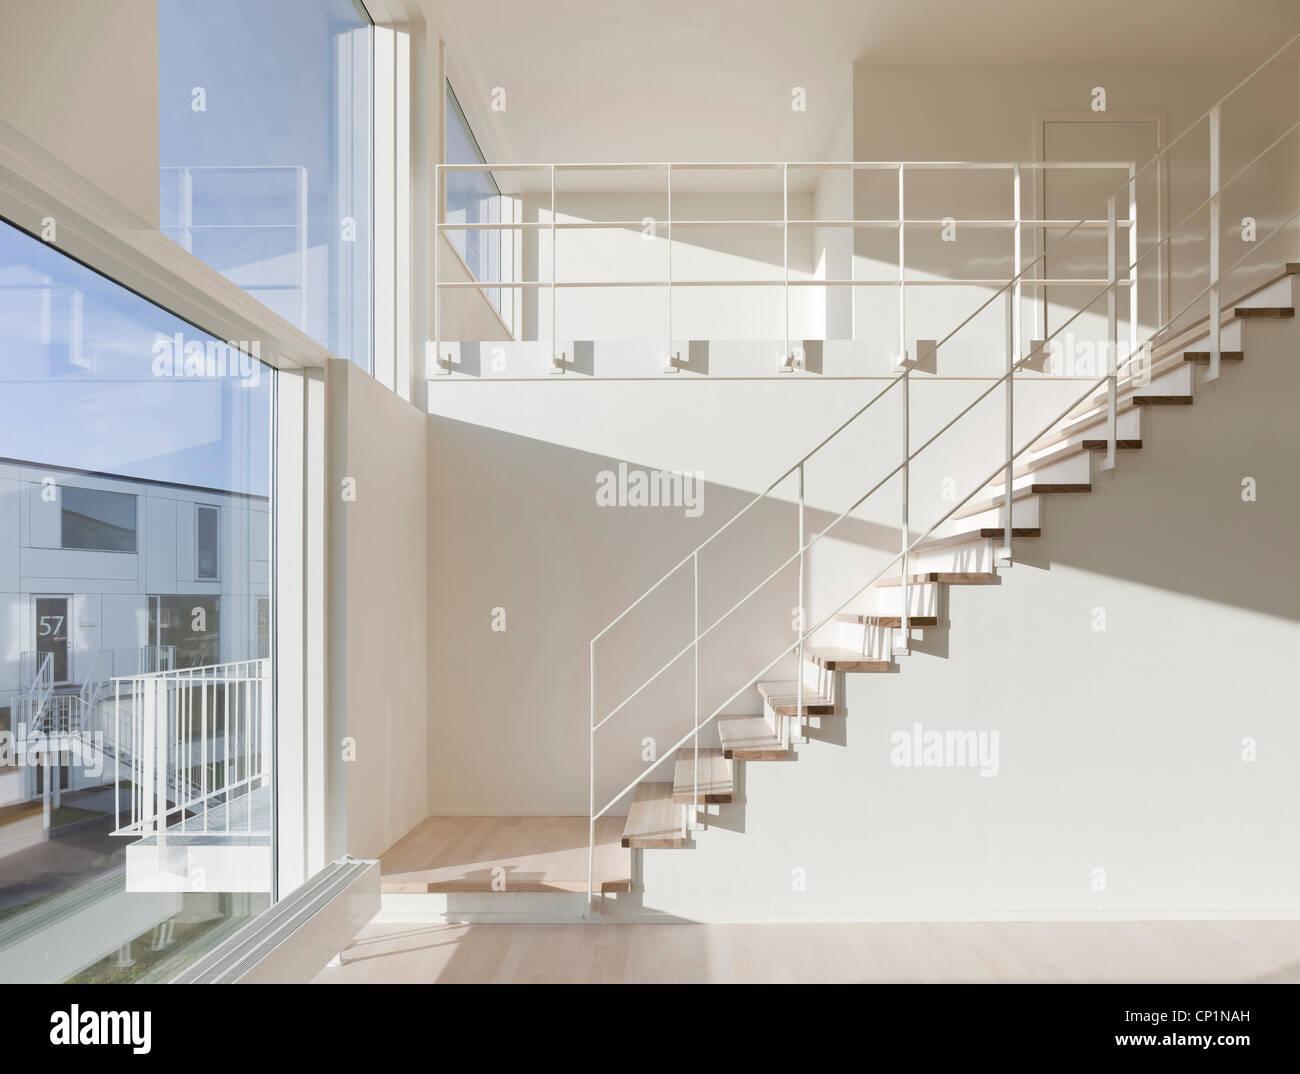 Trekroner Housing Development, Roskilde. - Stock Image